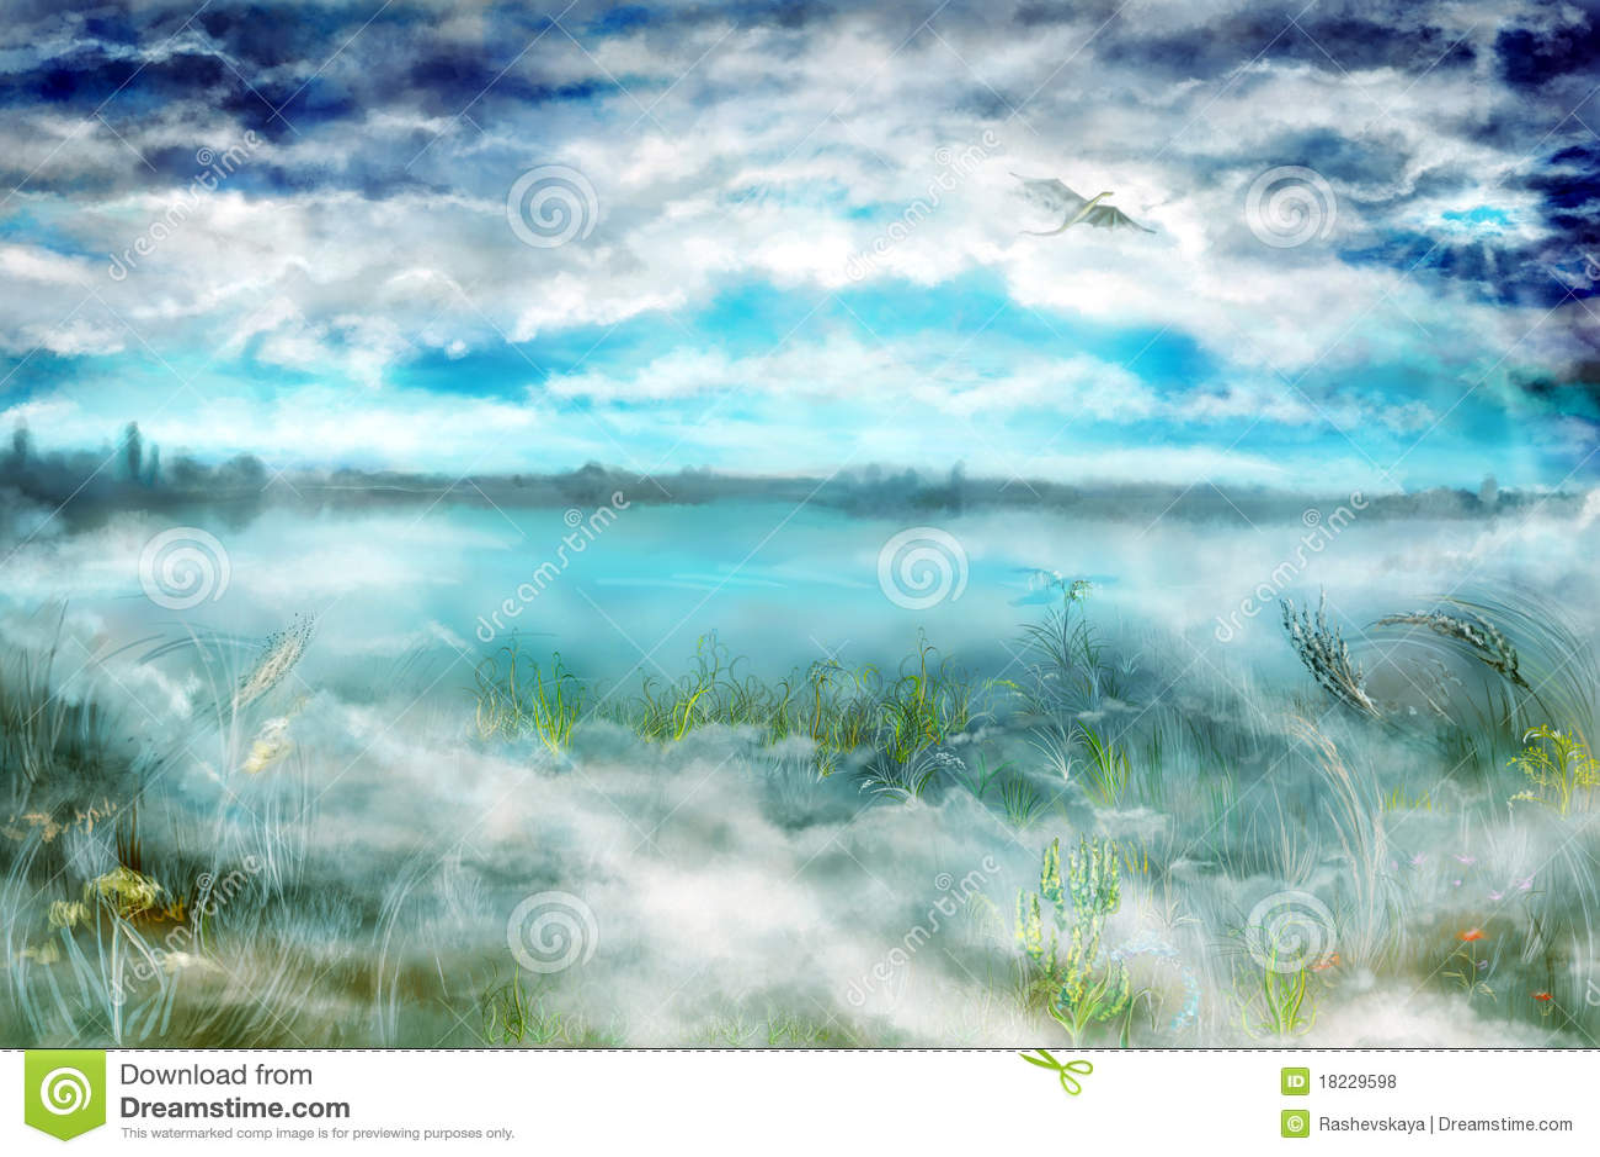 Landschaft mit Nebel und Drachen